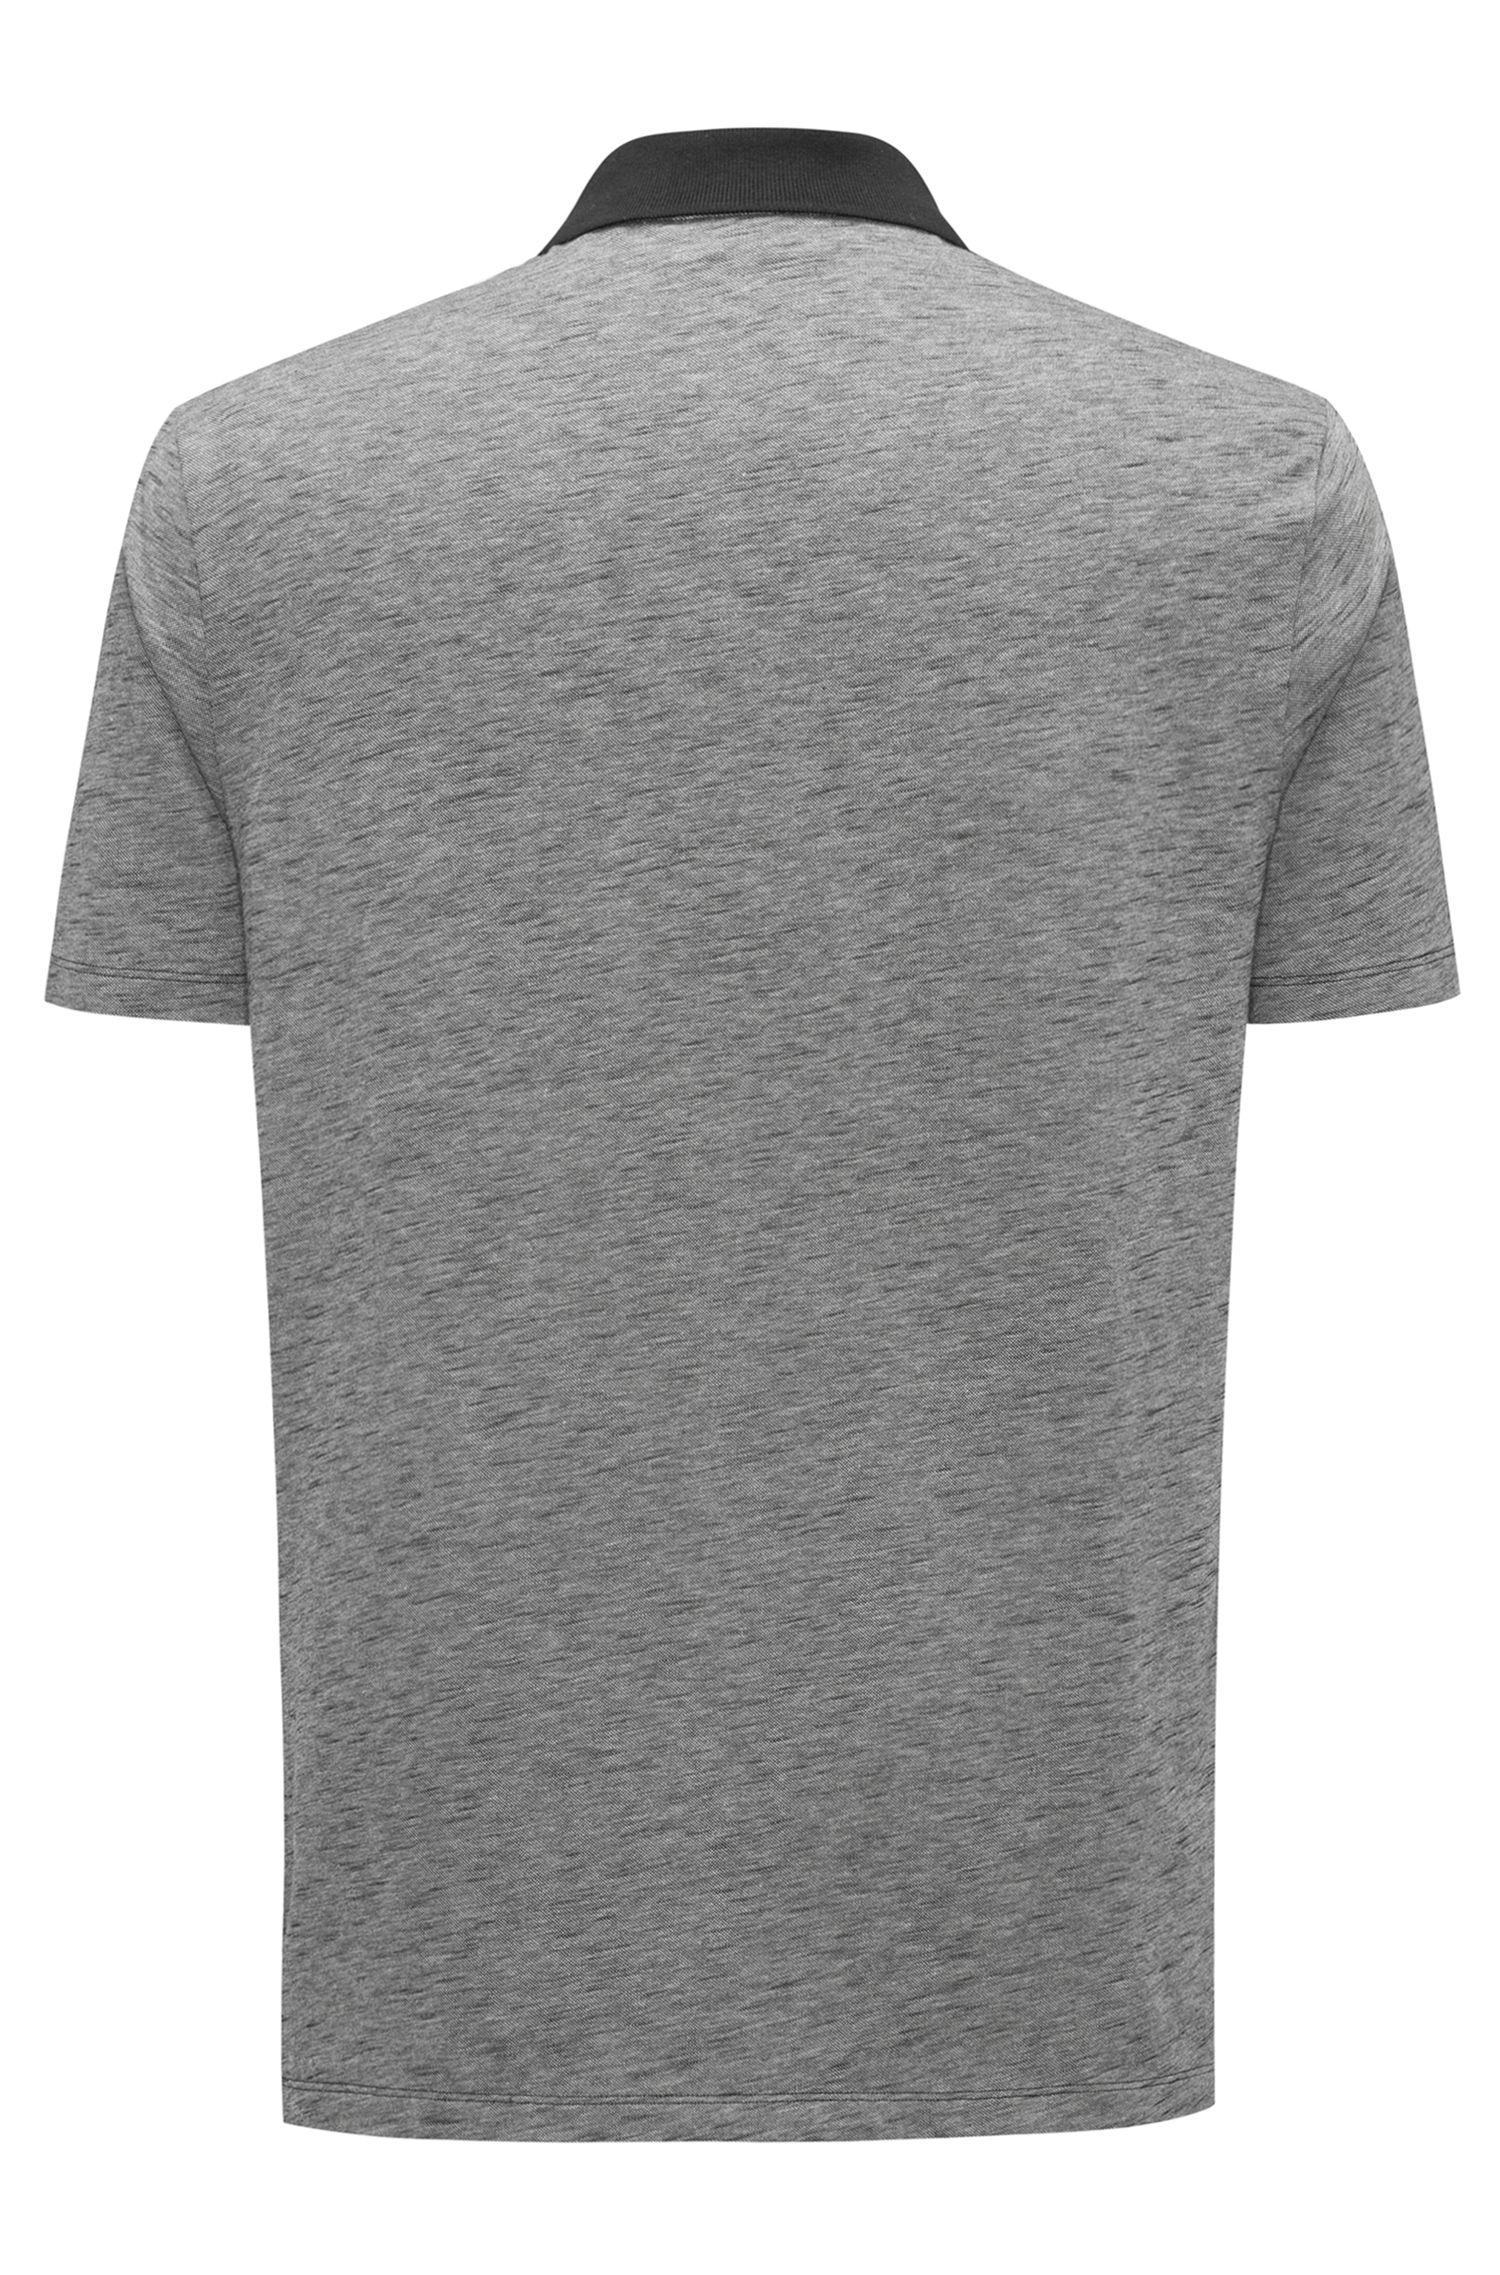 Polo shirt in cotton piqué with contrast collar